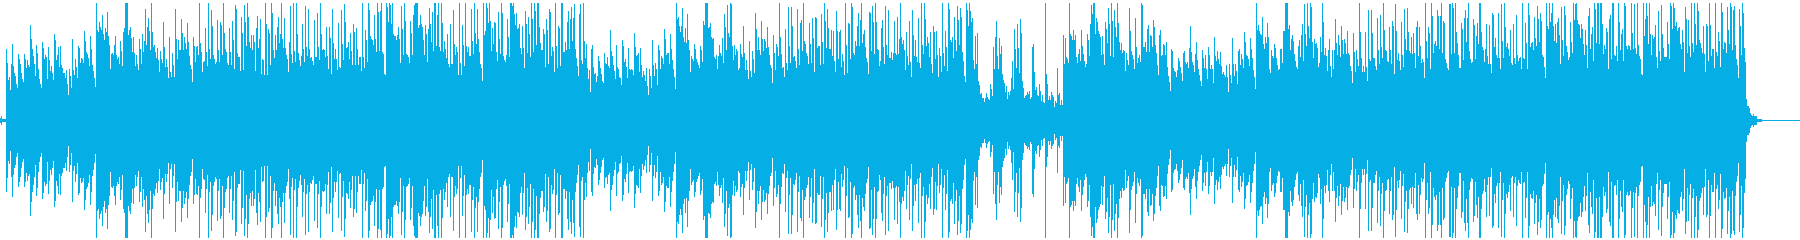 メロディックなピアノ旋律のLofi曲の再生済みの波形